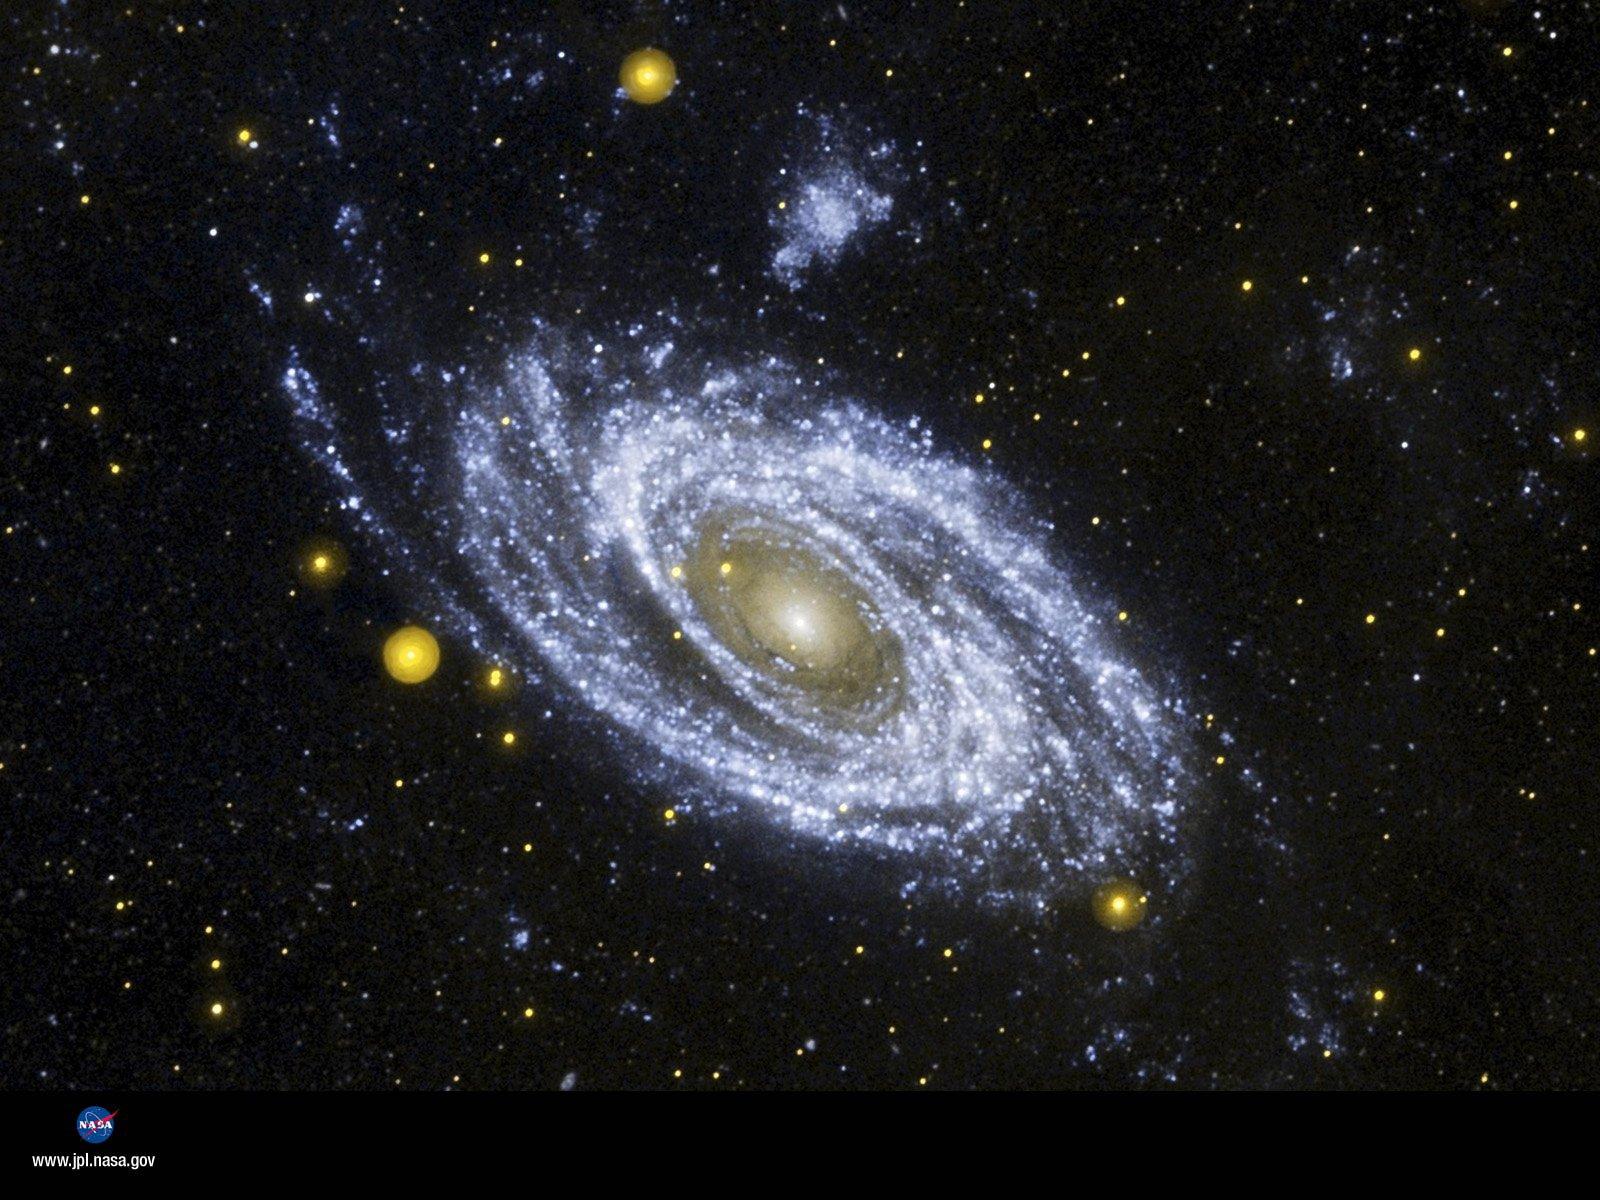 Ruimte achtergronden hd wallpapers for Foto galassie hd